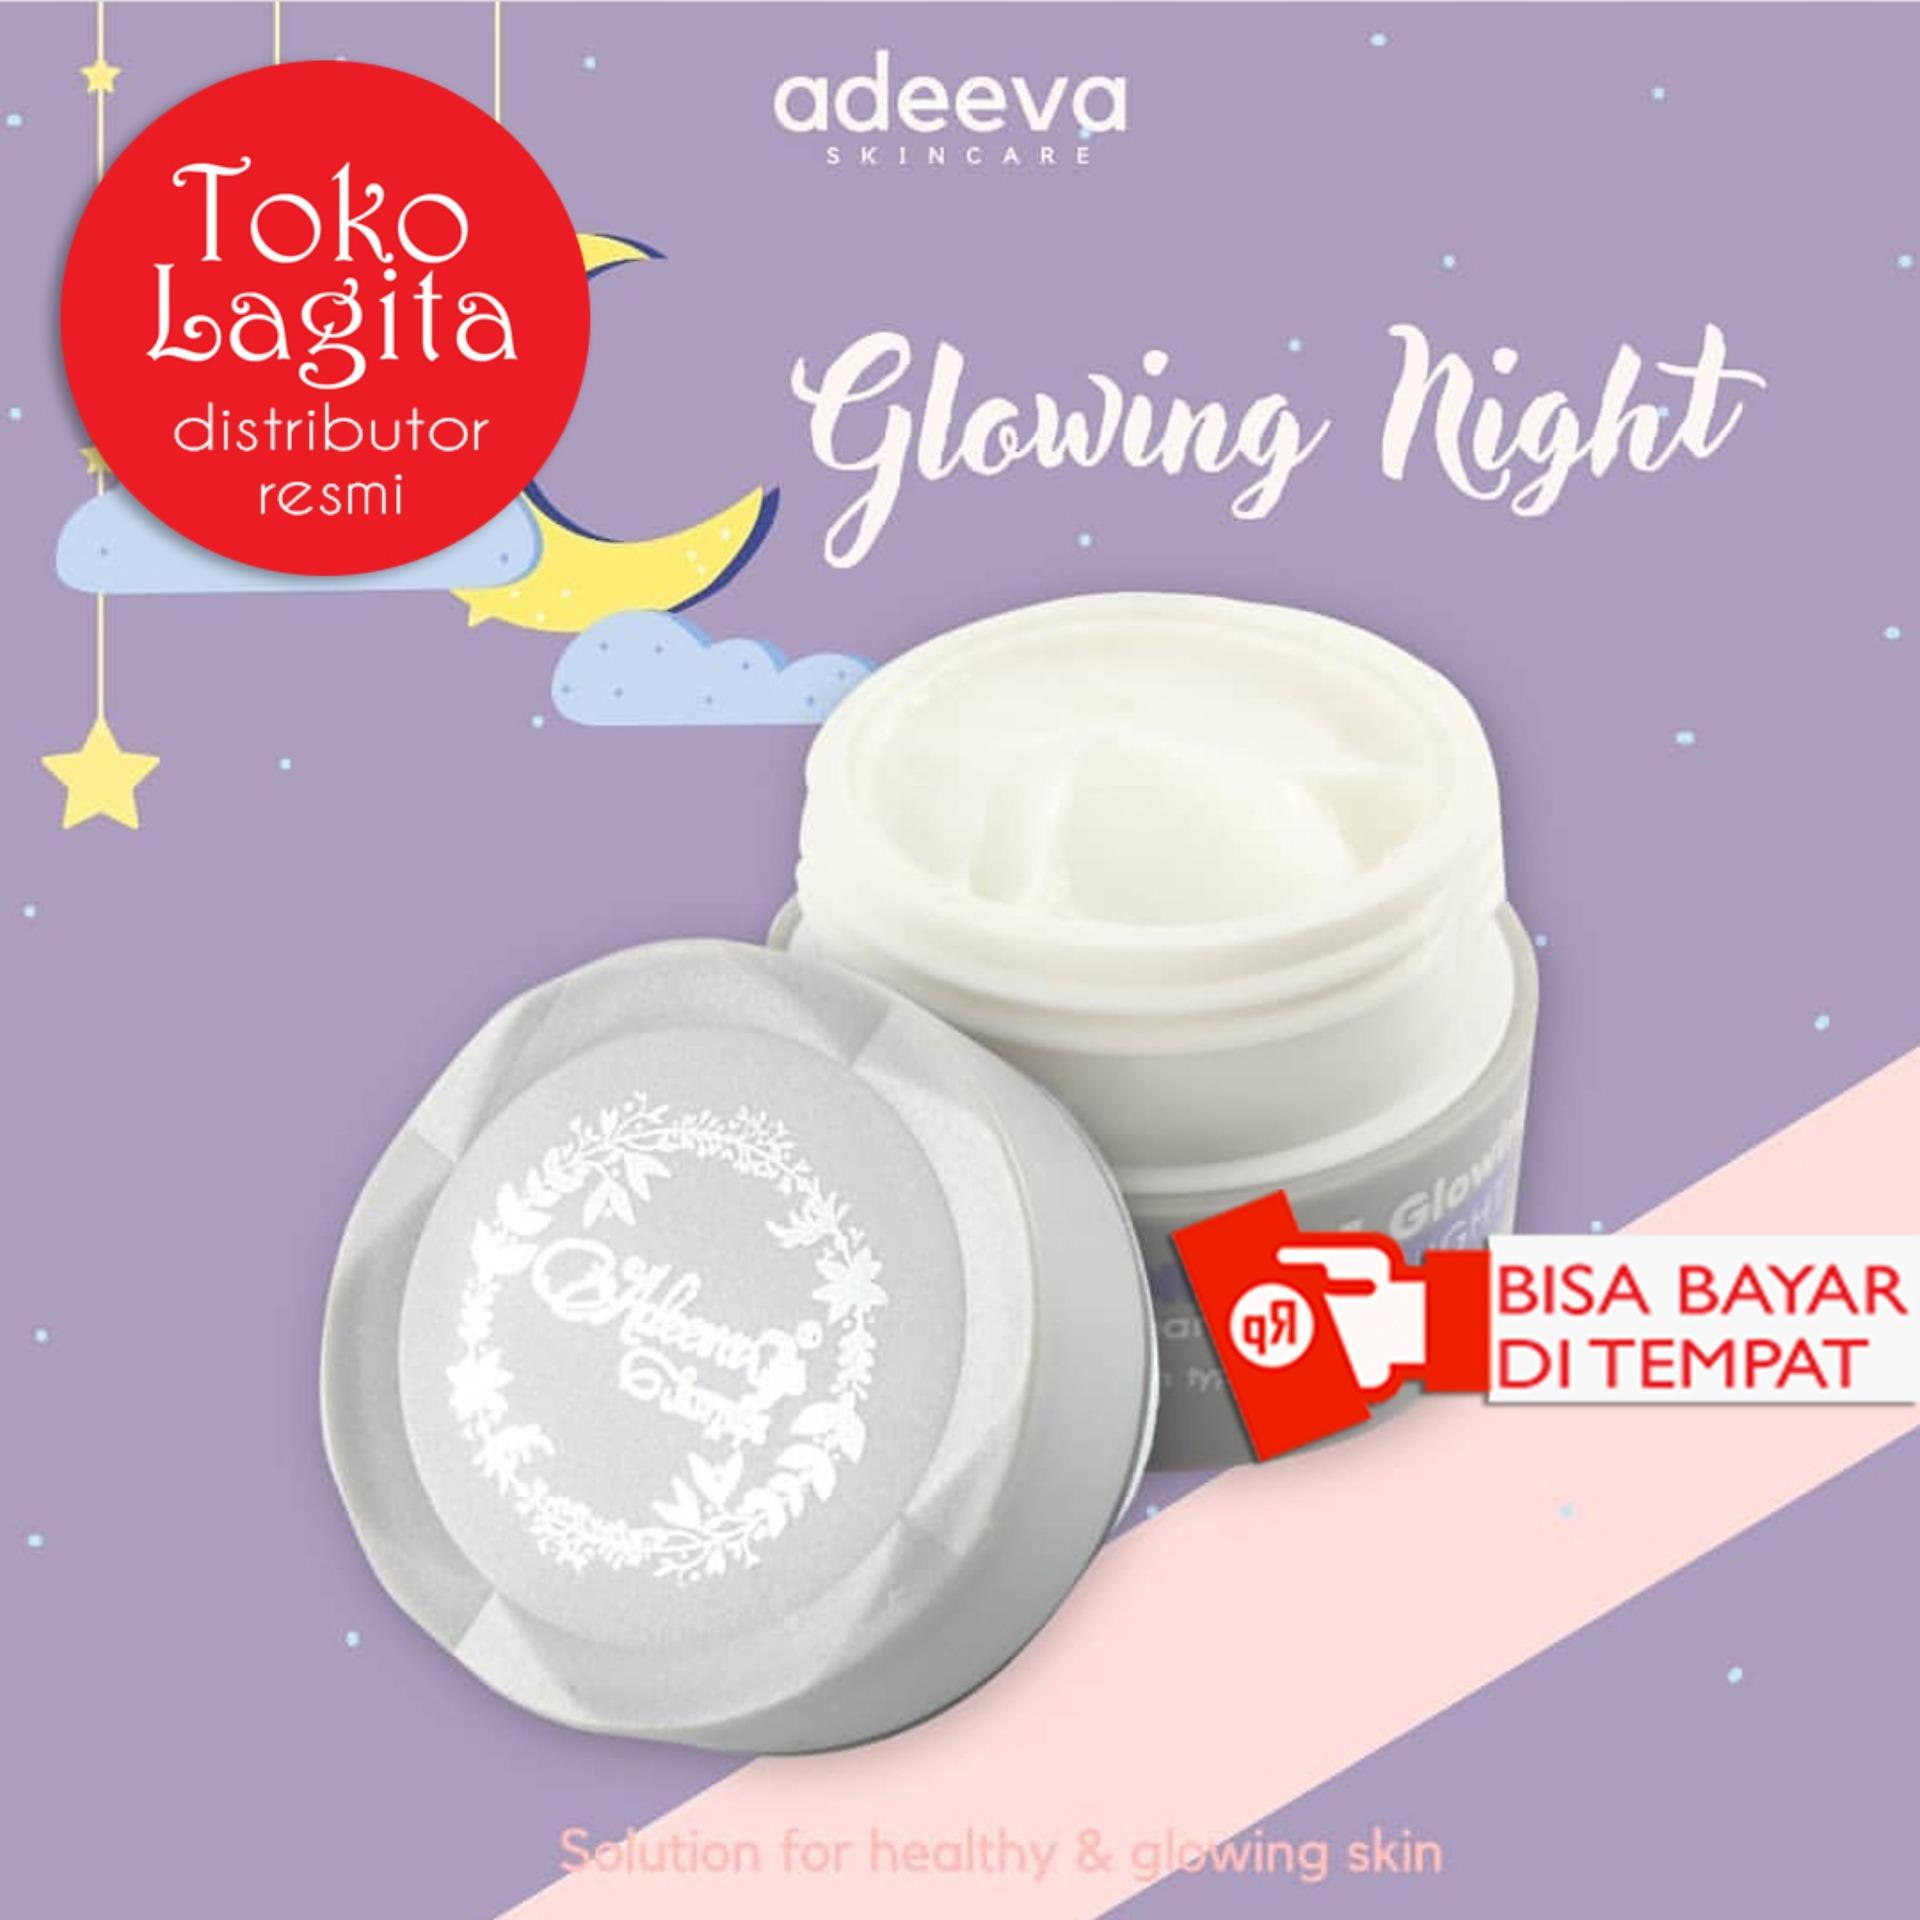 Adeeva Skincare Whitening Night Glowing - Cream Malam (1 Pcs)